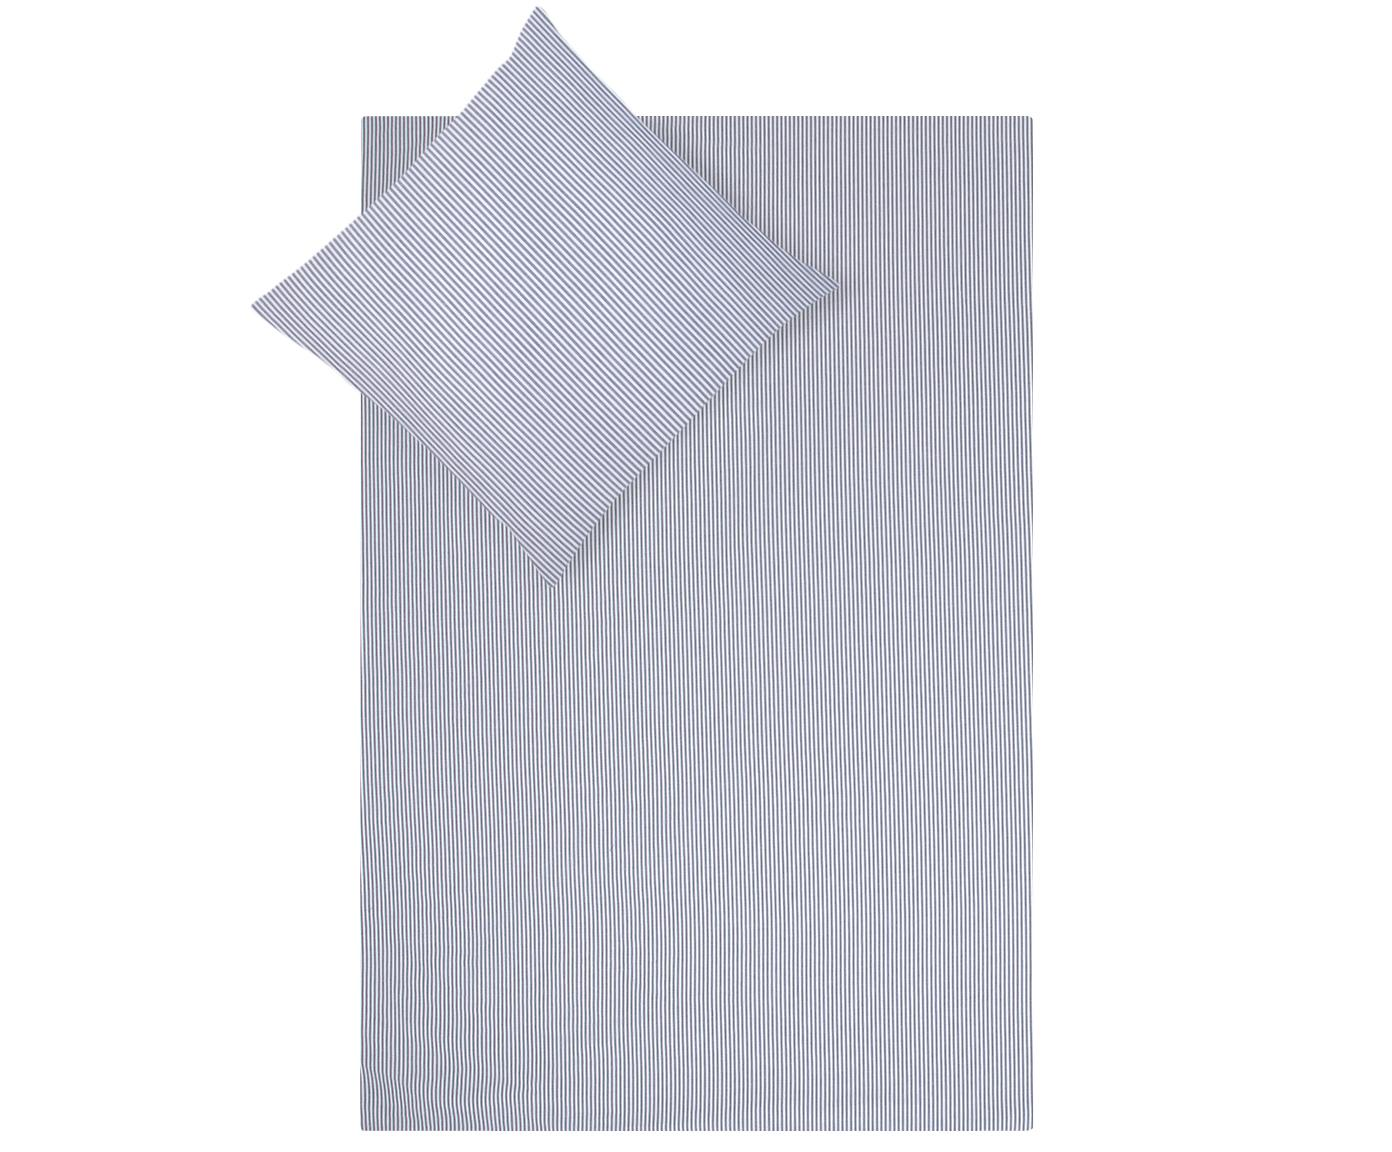 Baumwoll-Bettwäsche Ellie, fein gestreift, Webart: Renforcé Fadendichte 118 , Weiß, Dunkelblau, 135 x 200 cm + 1 Kissen 80 x 80 cm